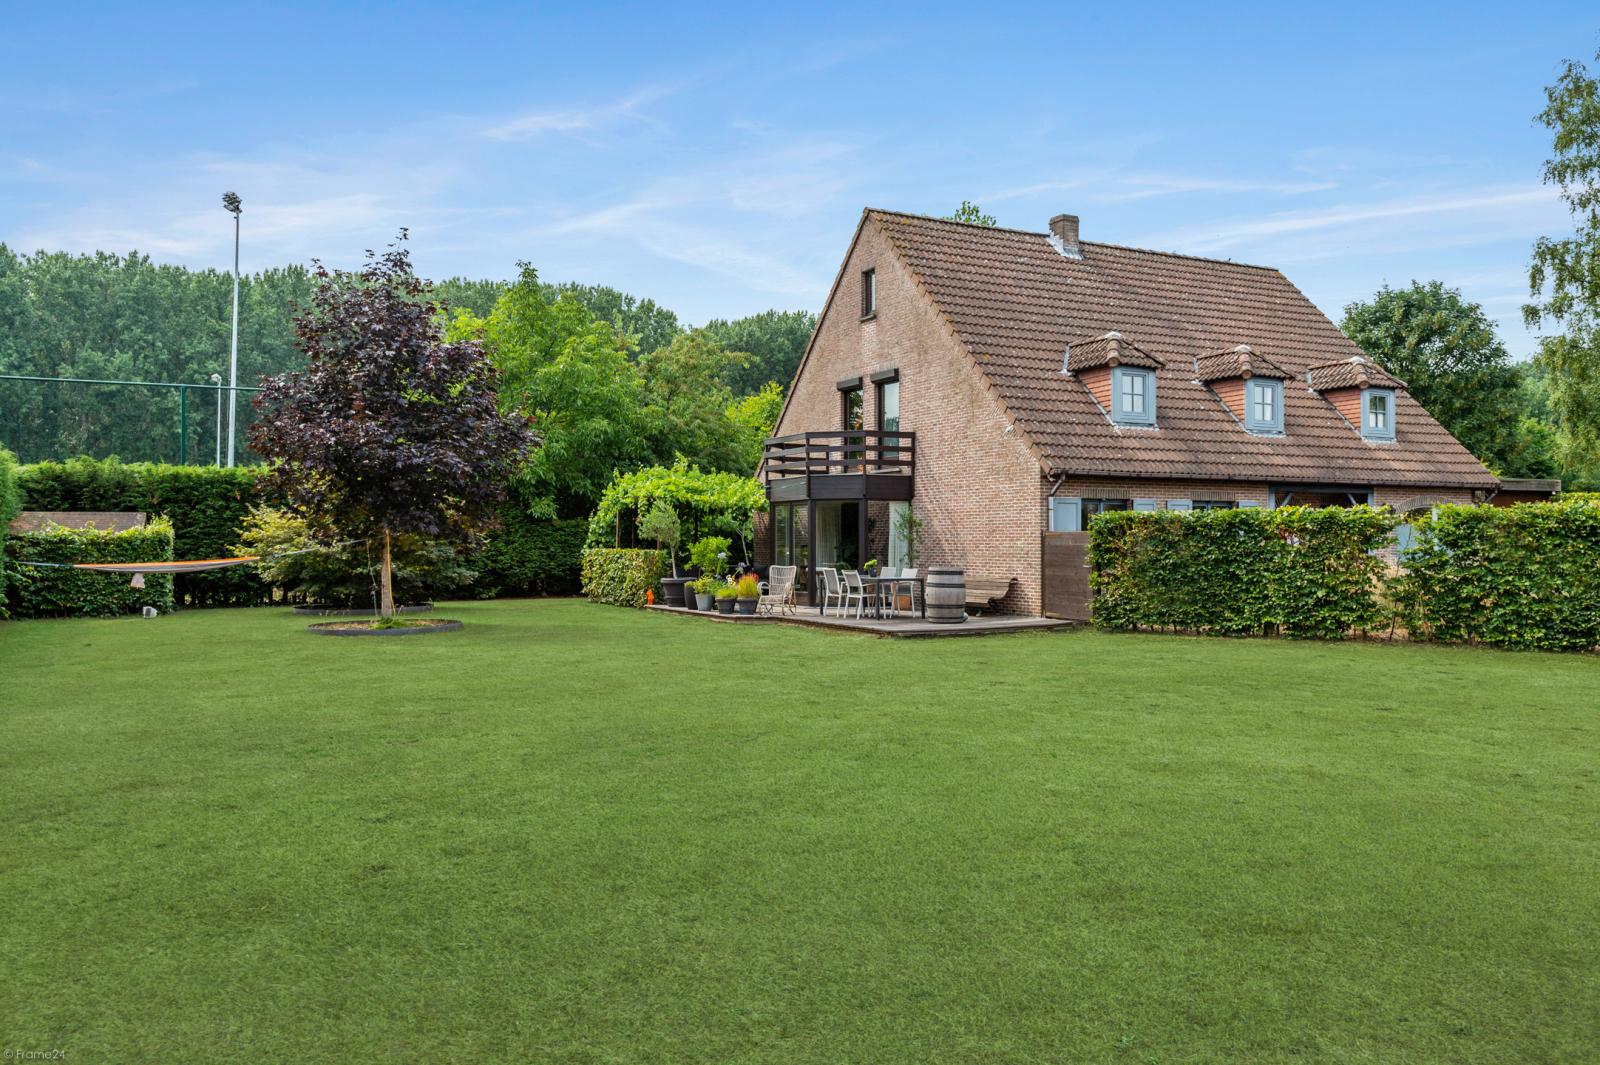 Stijlvolle landelijke villa op een perceel van 1.107 m² in een zeer gegeerd doodlopend straatje te Linkeroever! afbeelding 29